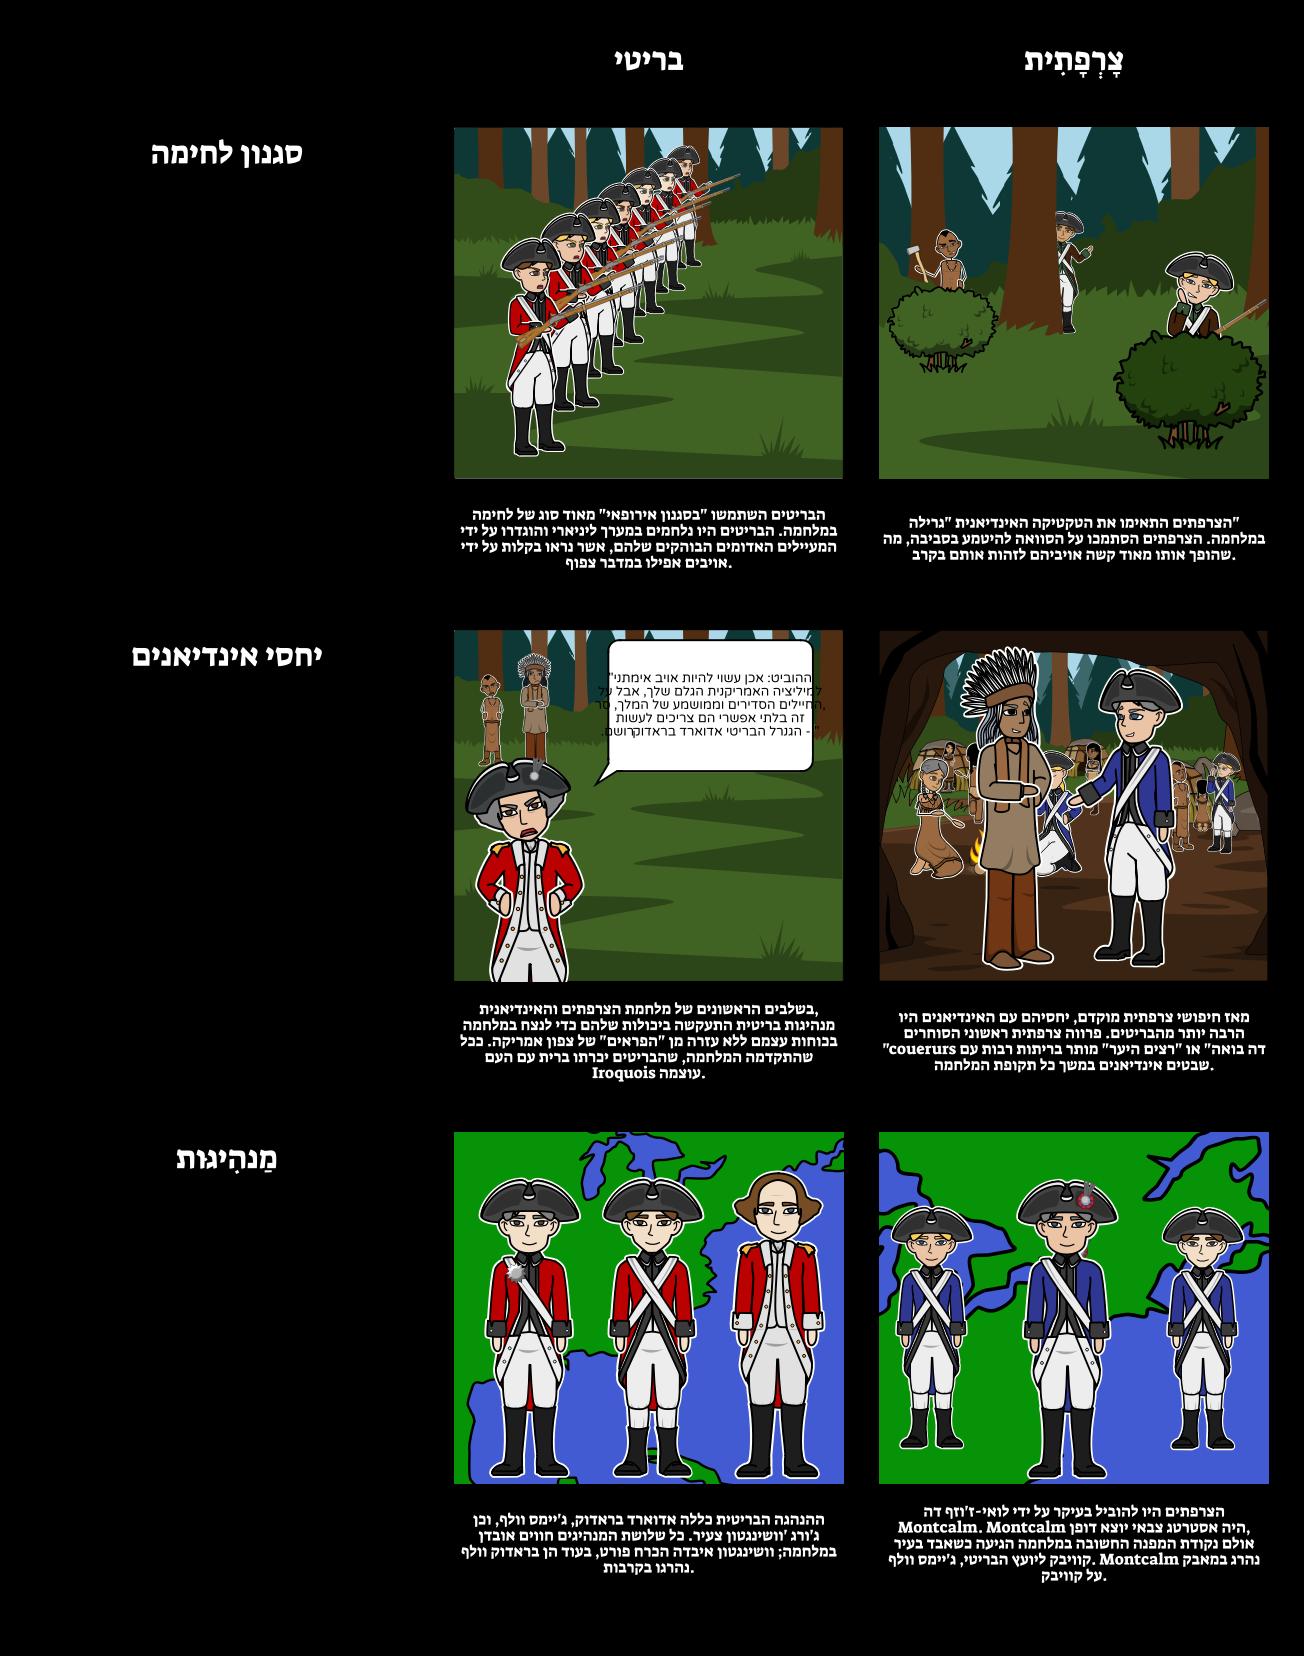 הצרפתים והאינדיאנים מלחמת הצרפתים vs הבריטי